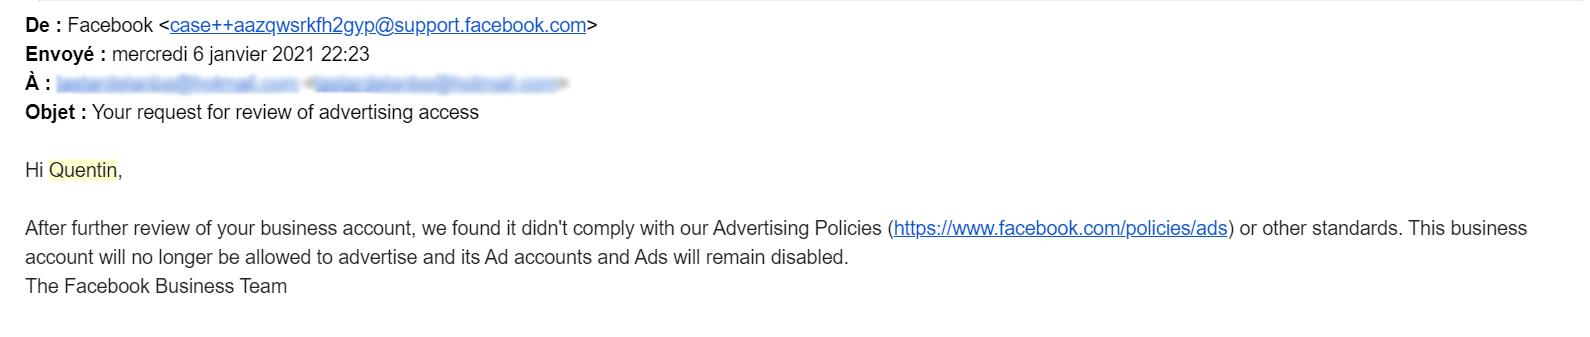 Désactivation définitive de compte publicitaire Facebook Ads